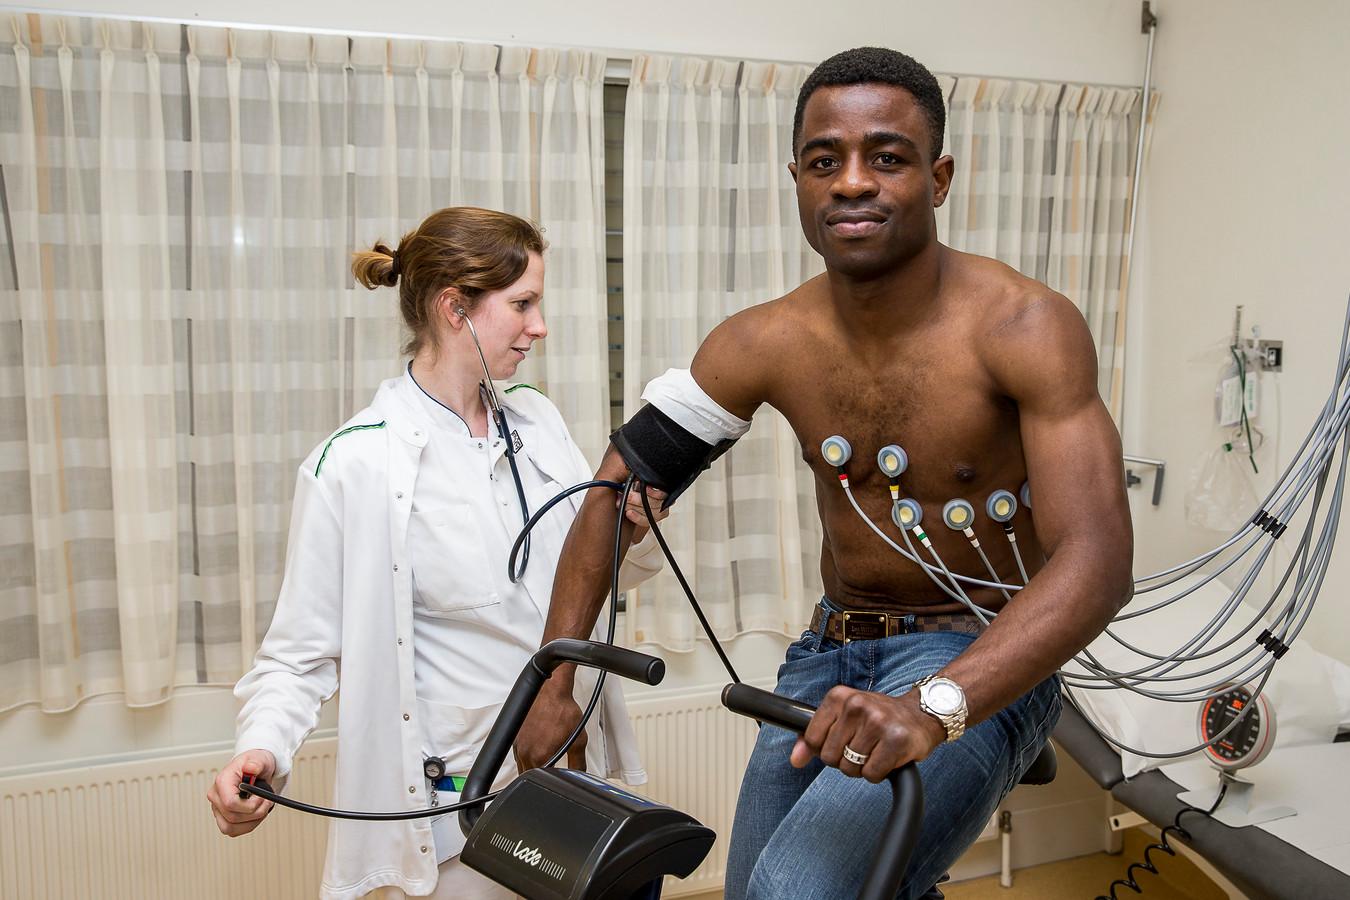 Zo ziet een medische keuring er vaak uit: een voetballer op een loopband of een ergofiets aan allemaal slangetjes die waarden meten. Dit is  Bartholomew Ogbeche enkele jaren terug tijdens de keuring bij Willem II.